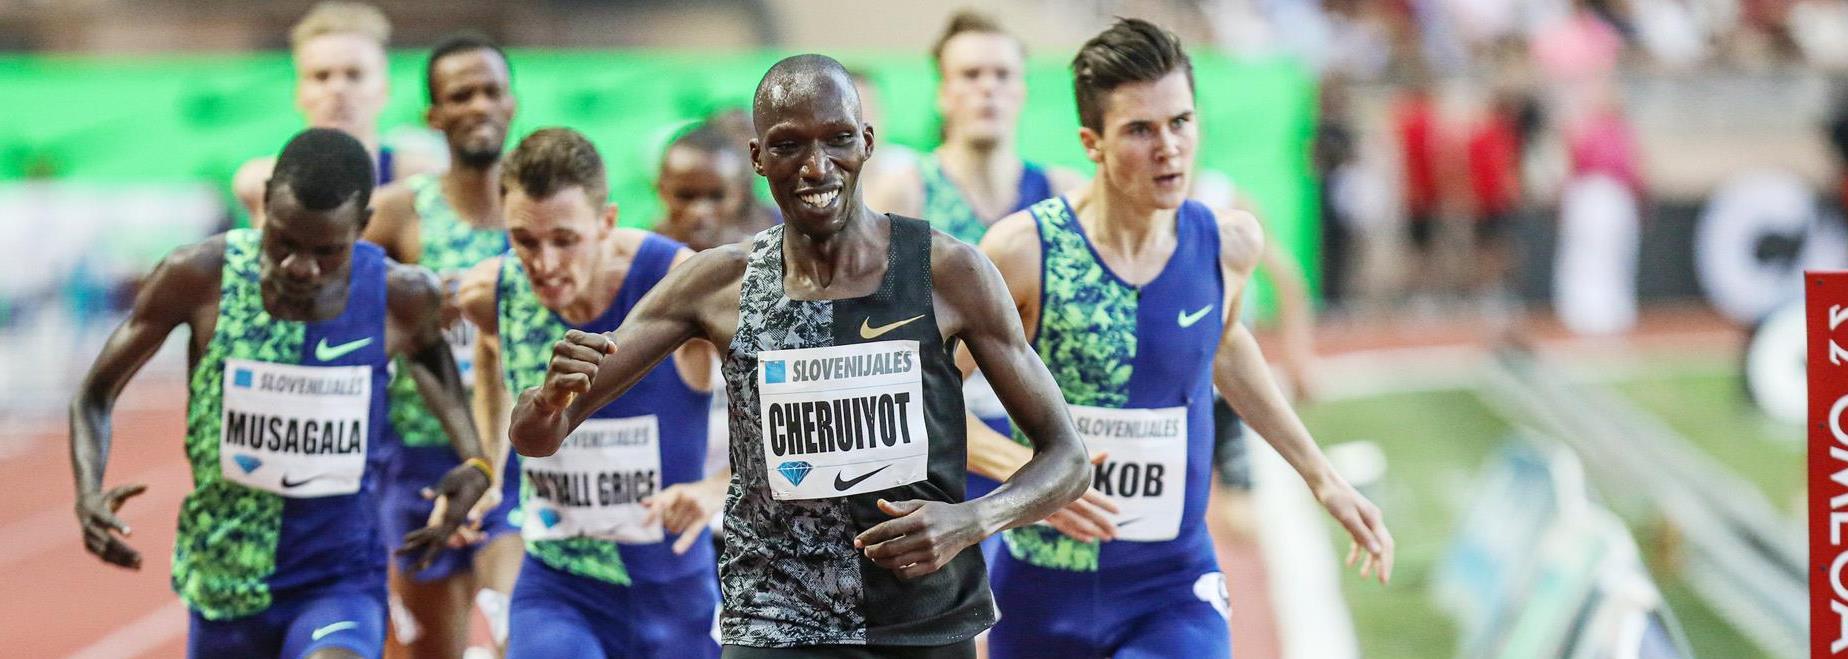 Team Ingebrigtsen takes on Team Cheruiyot in Oslo's Impossible Games